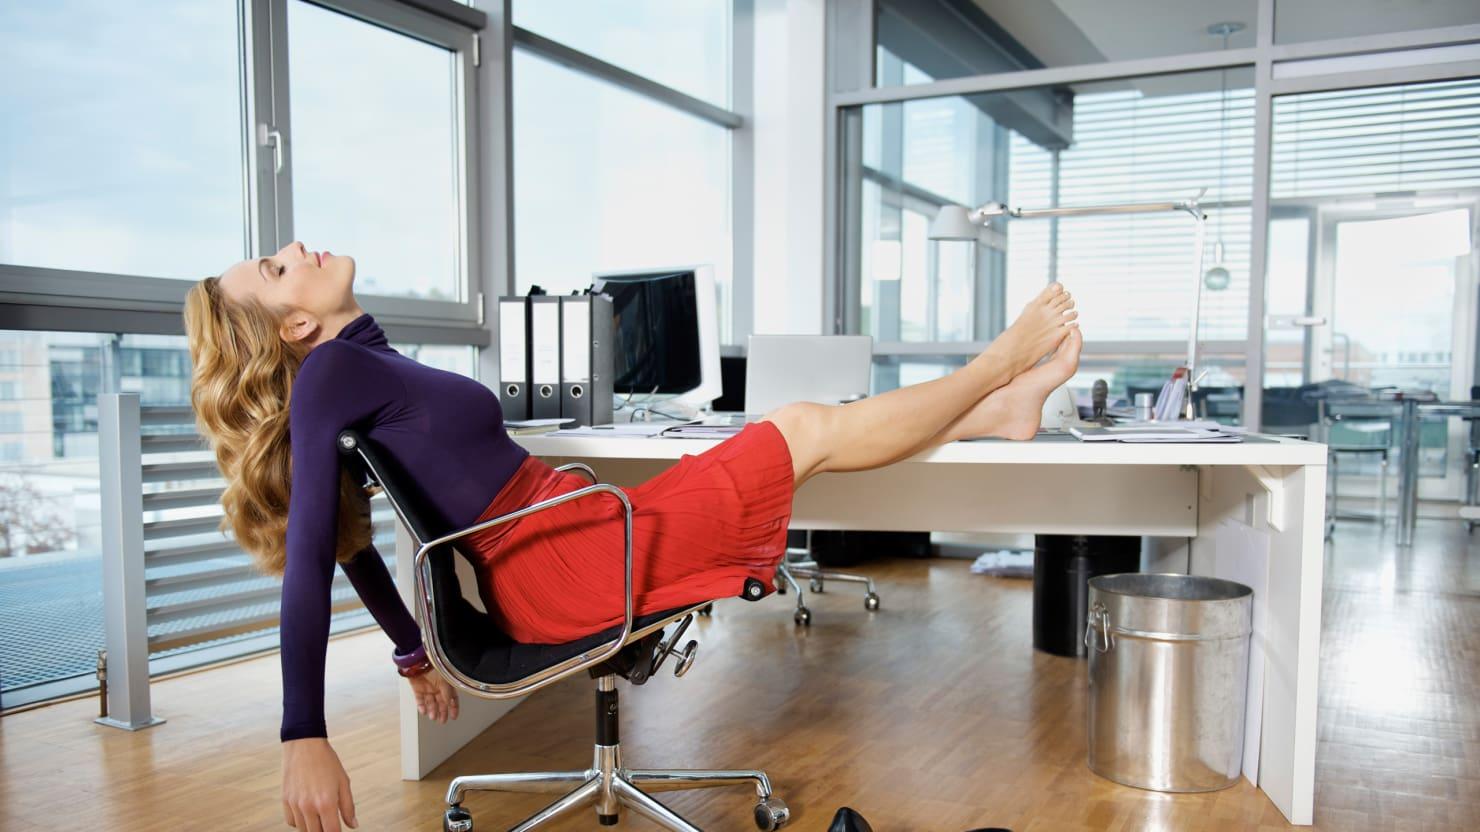 5 sinais de que é necessário começar a fazer exercícios e deixar o sedentarismo - blog pitacos e achados